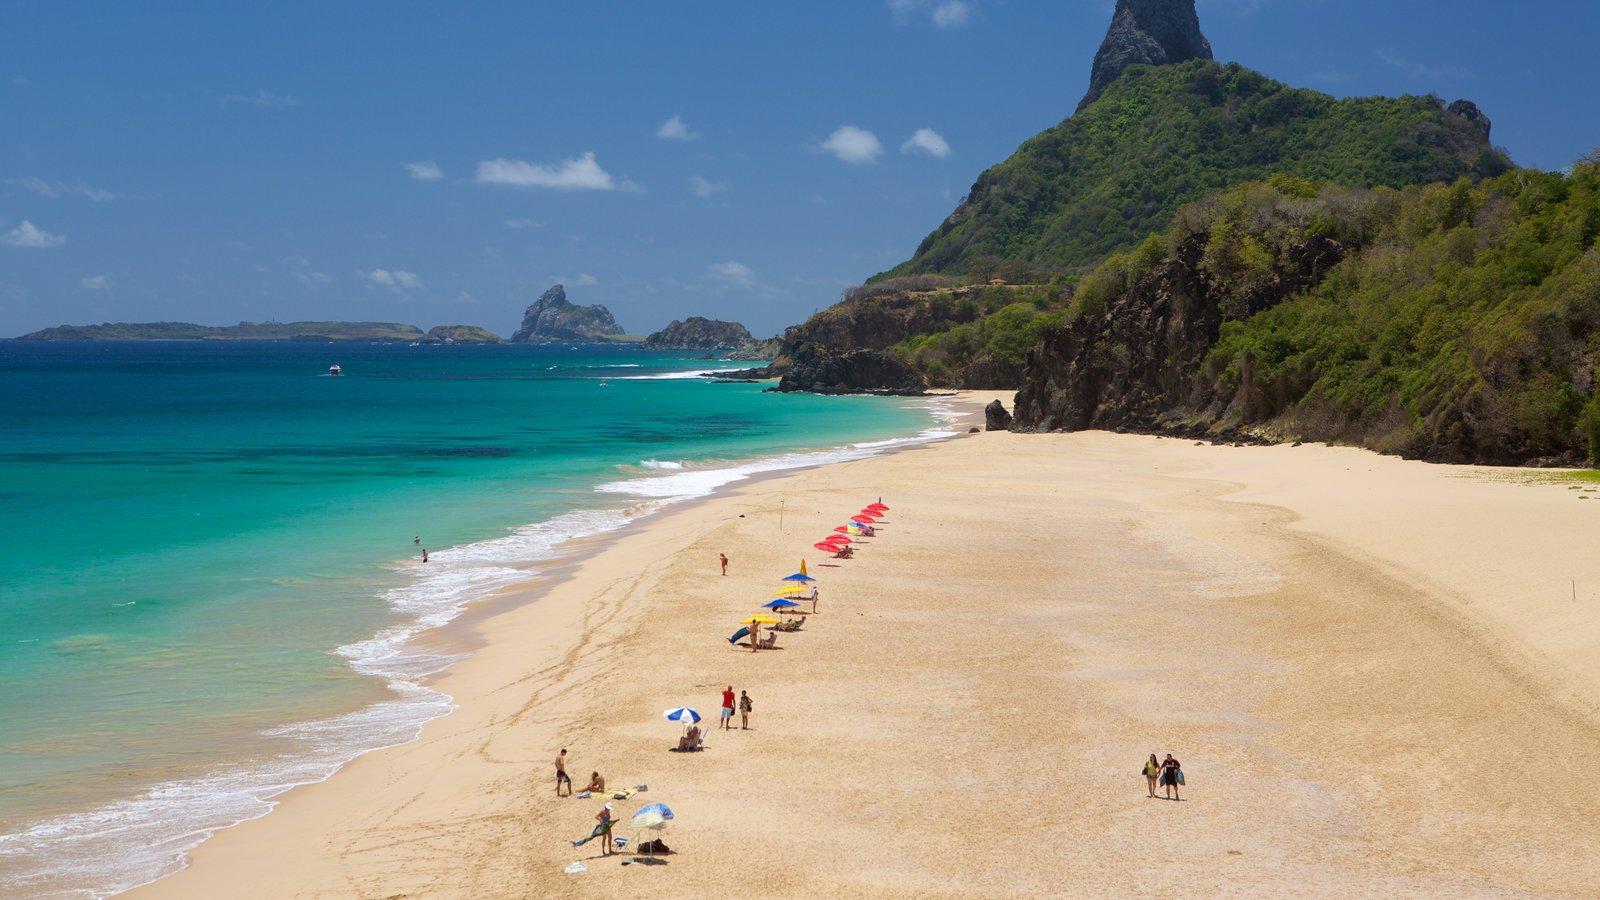 Praia Cacimba do Padre que inclui paisagens litorâneas, montanhas e uma praia